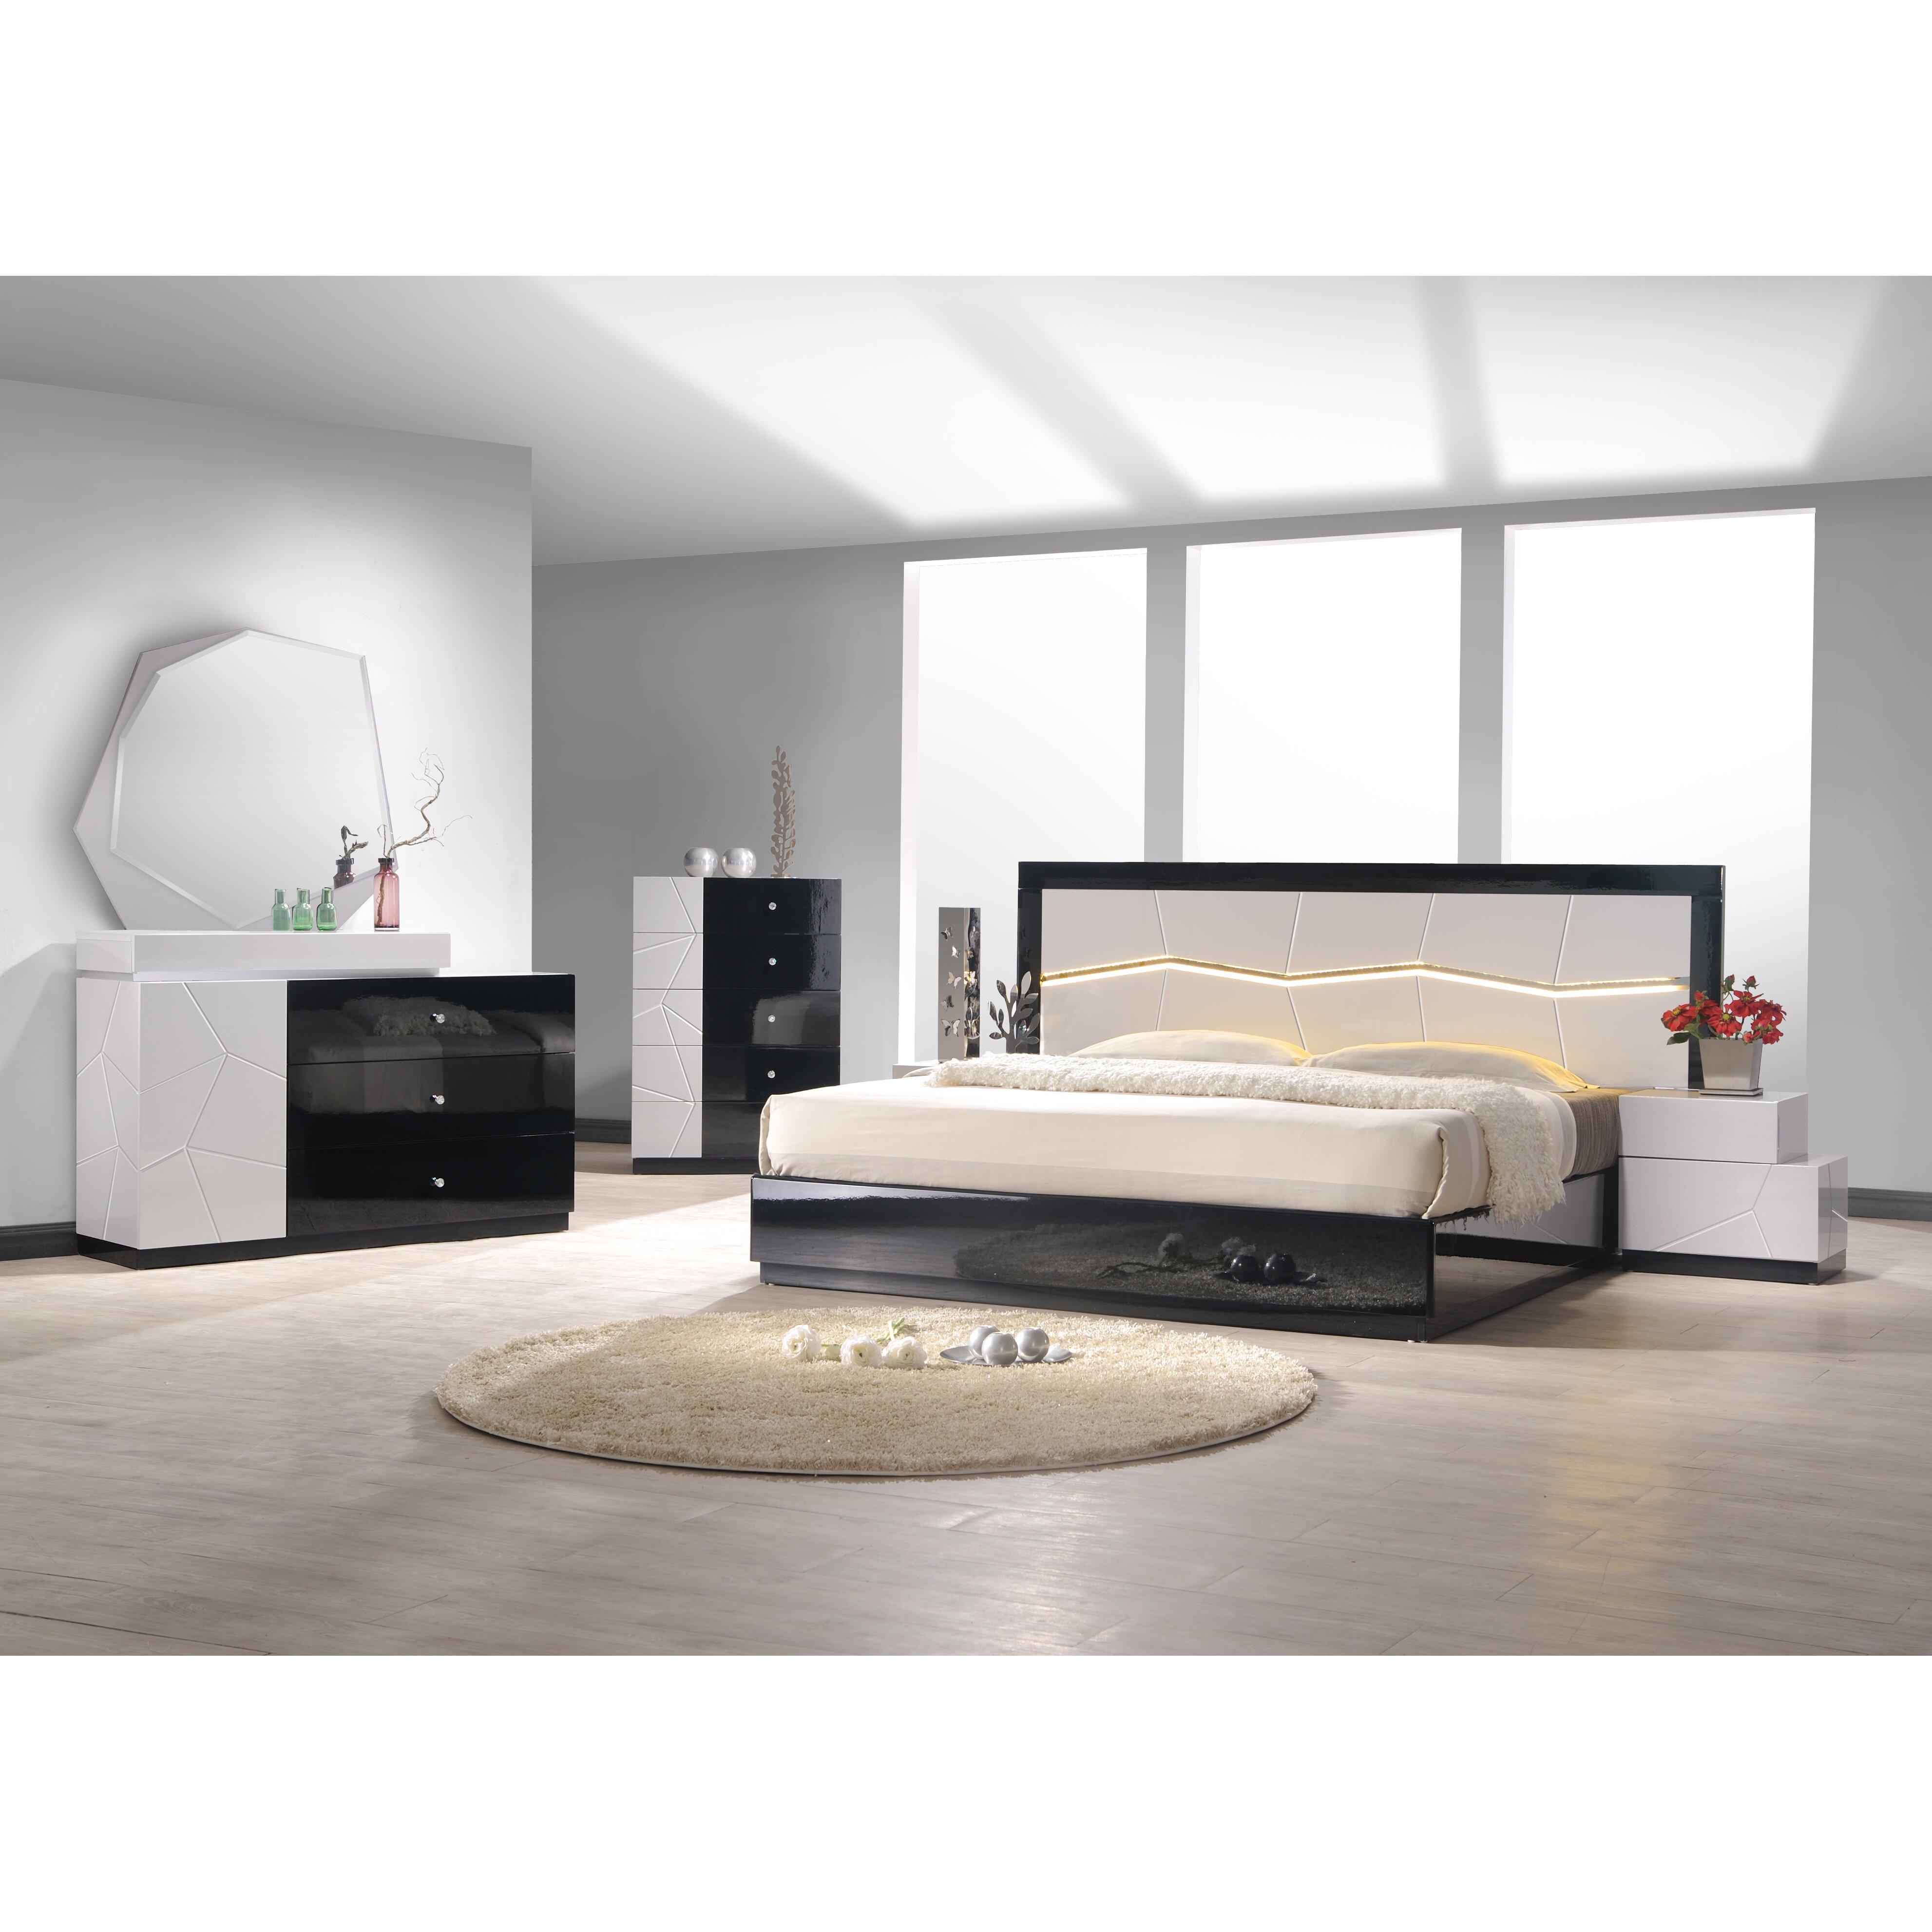 J m furniture turin platform customizable bedroom set for Taylor j bedroom furniture